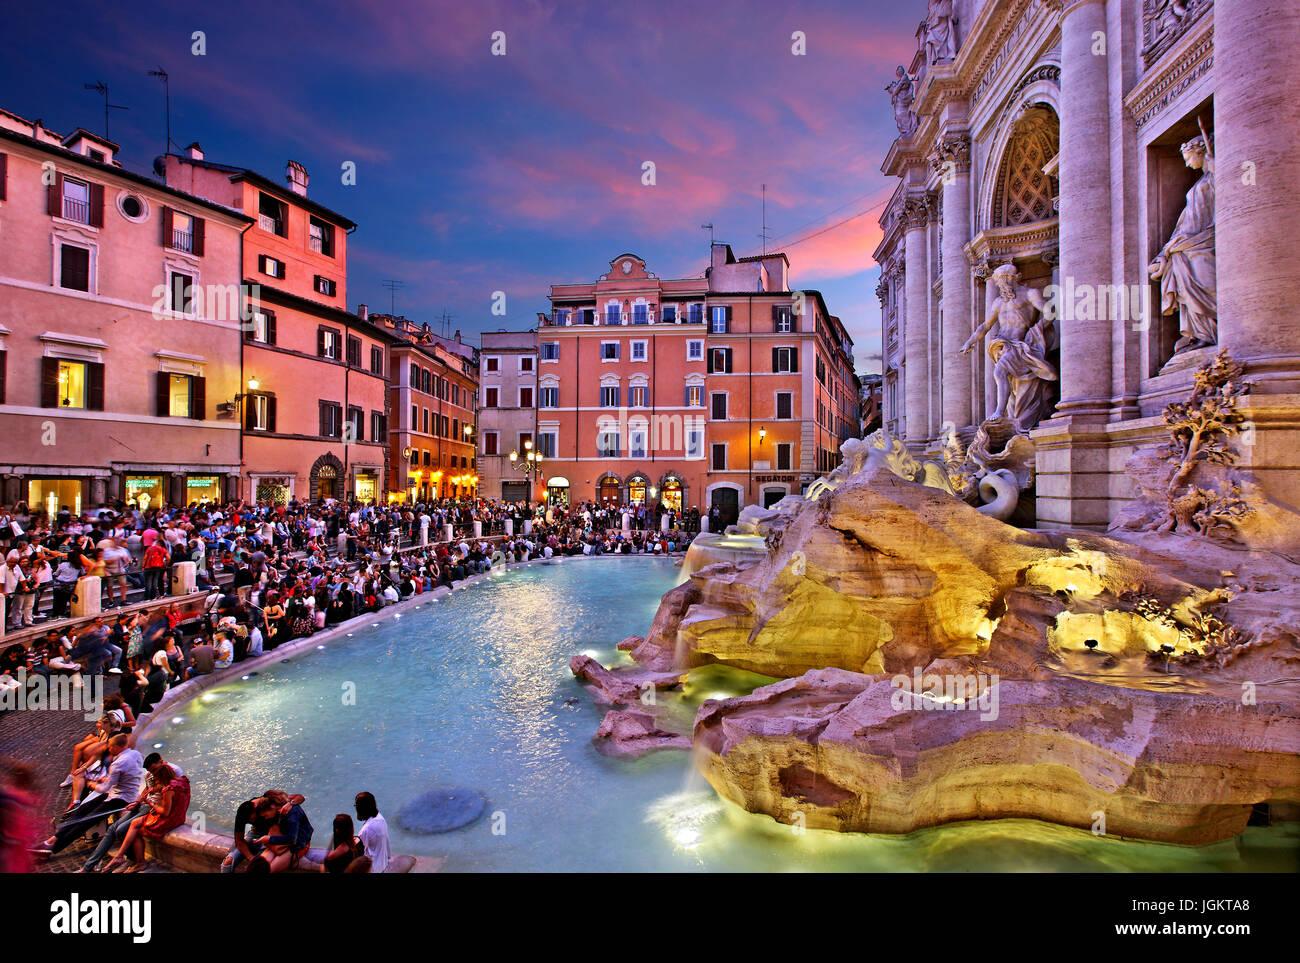 Nuit qui tombe à Fontana di Trevi, Rome, Italie Photo Stock